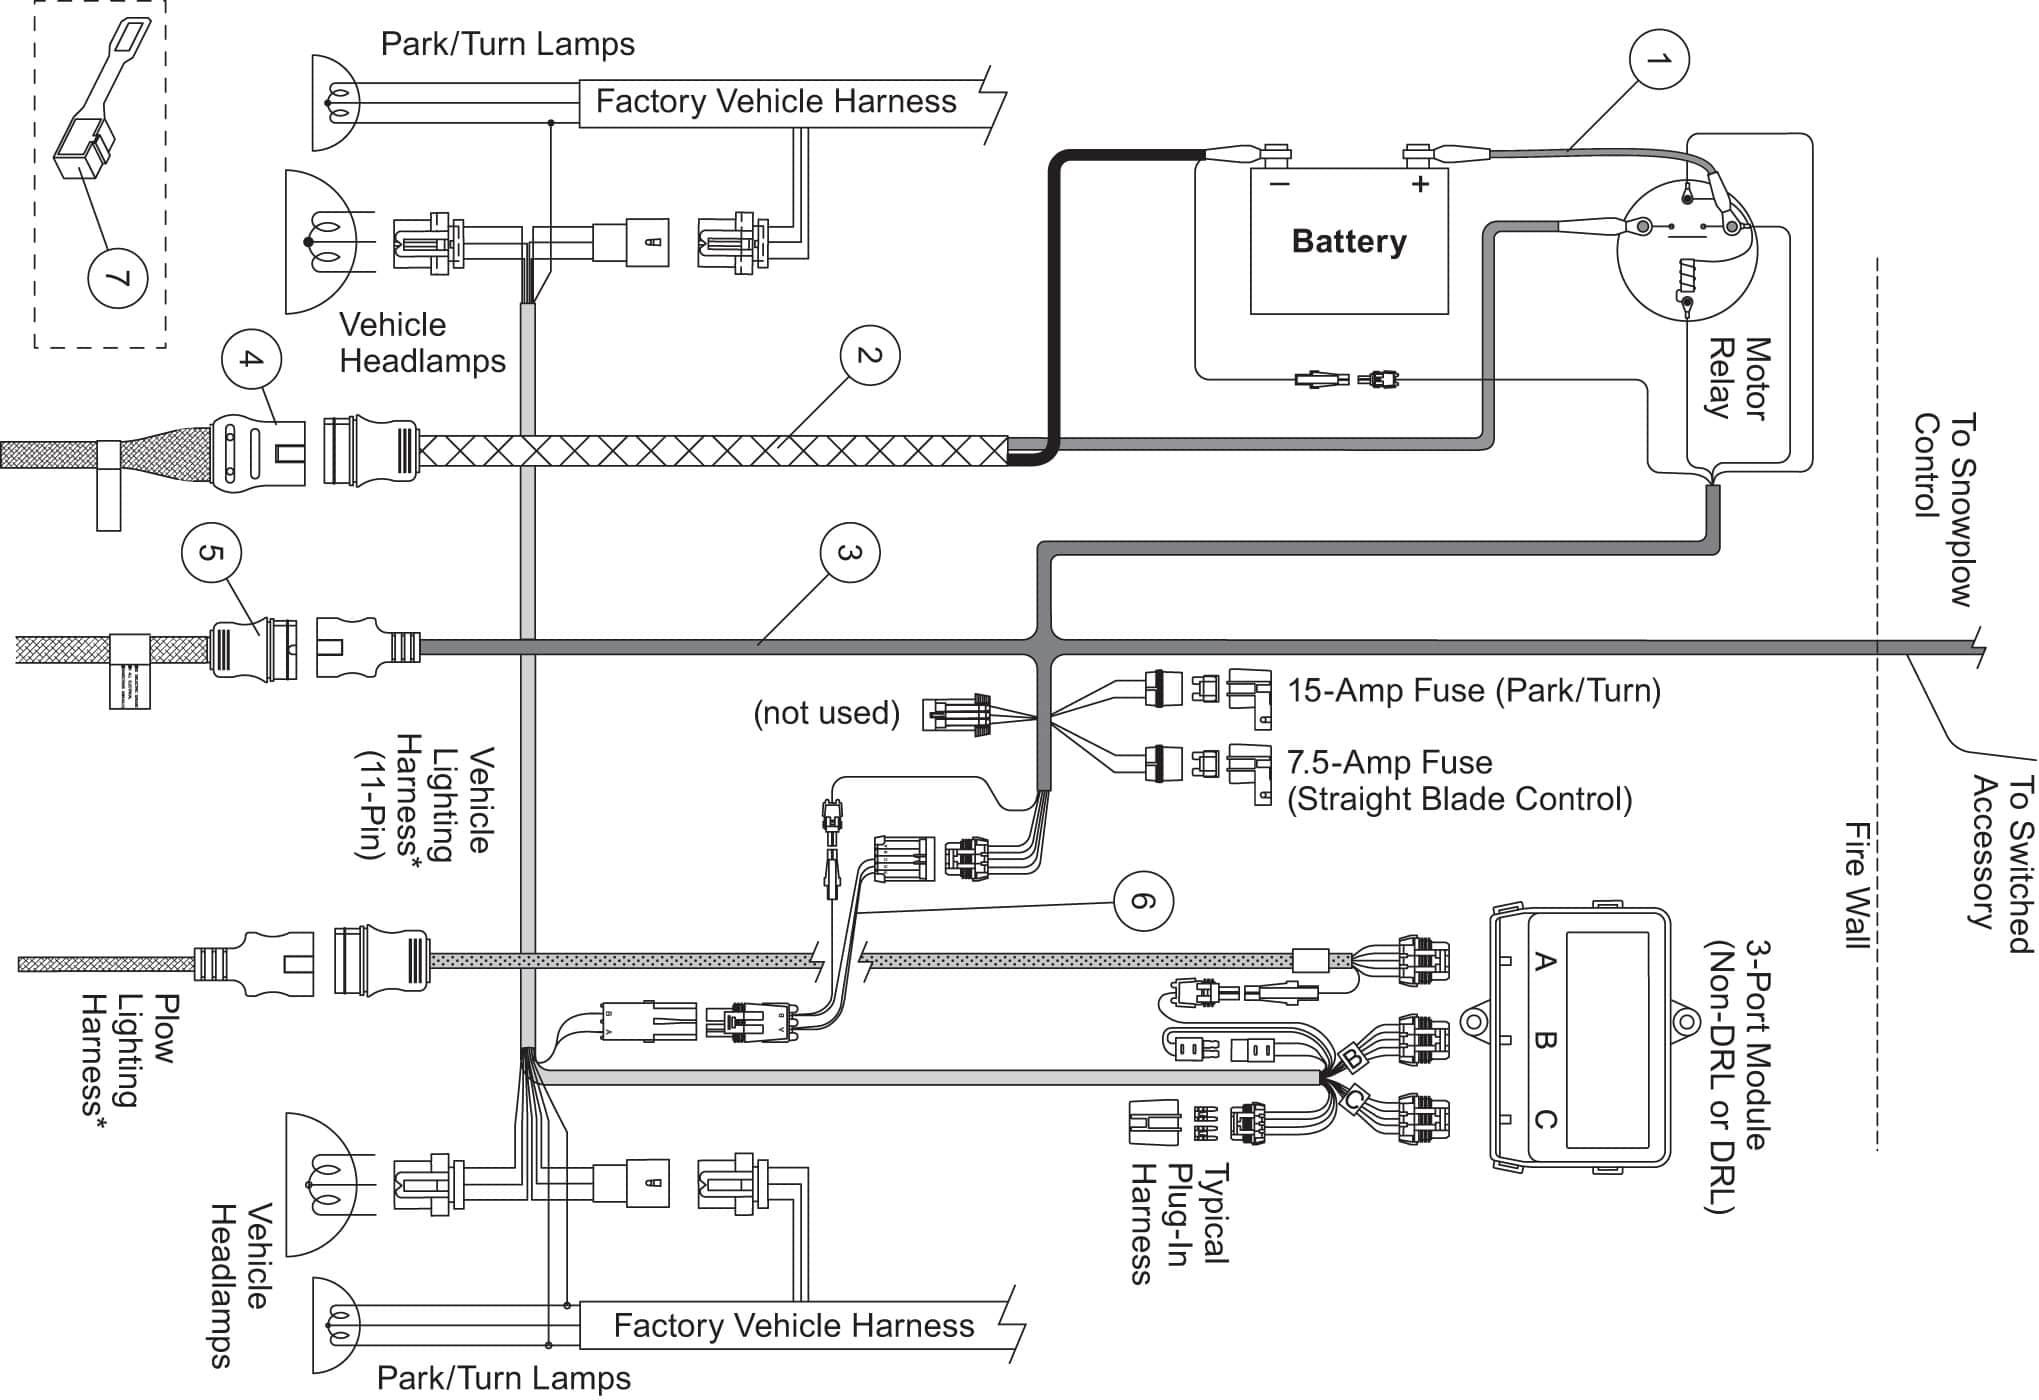 Western Snow Plow Pump Diagram | Wiring Diagram - Western Snow Plows Wiring Diagram